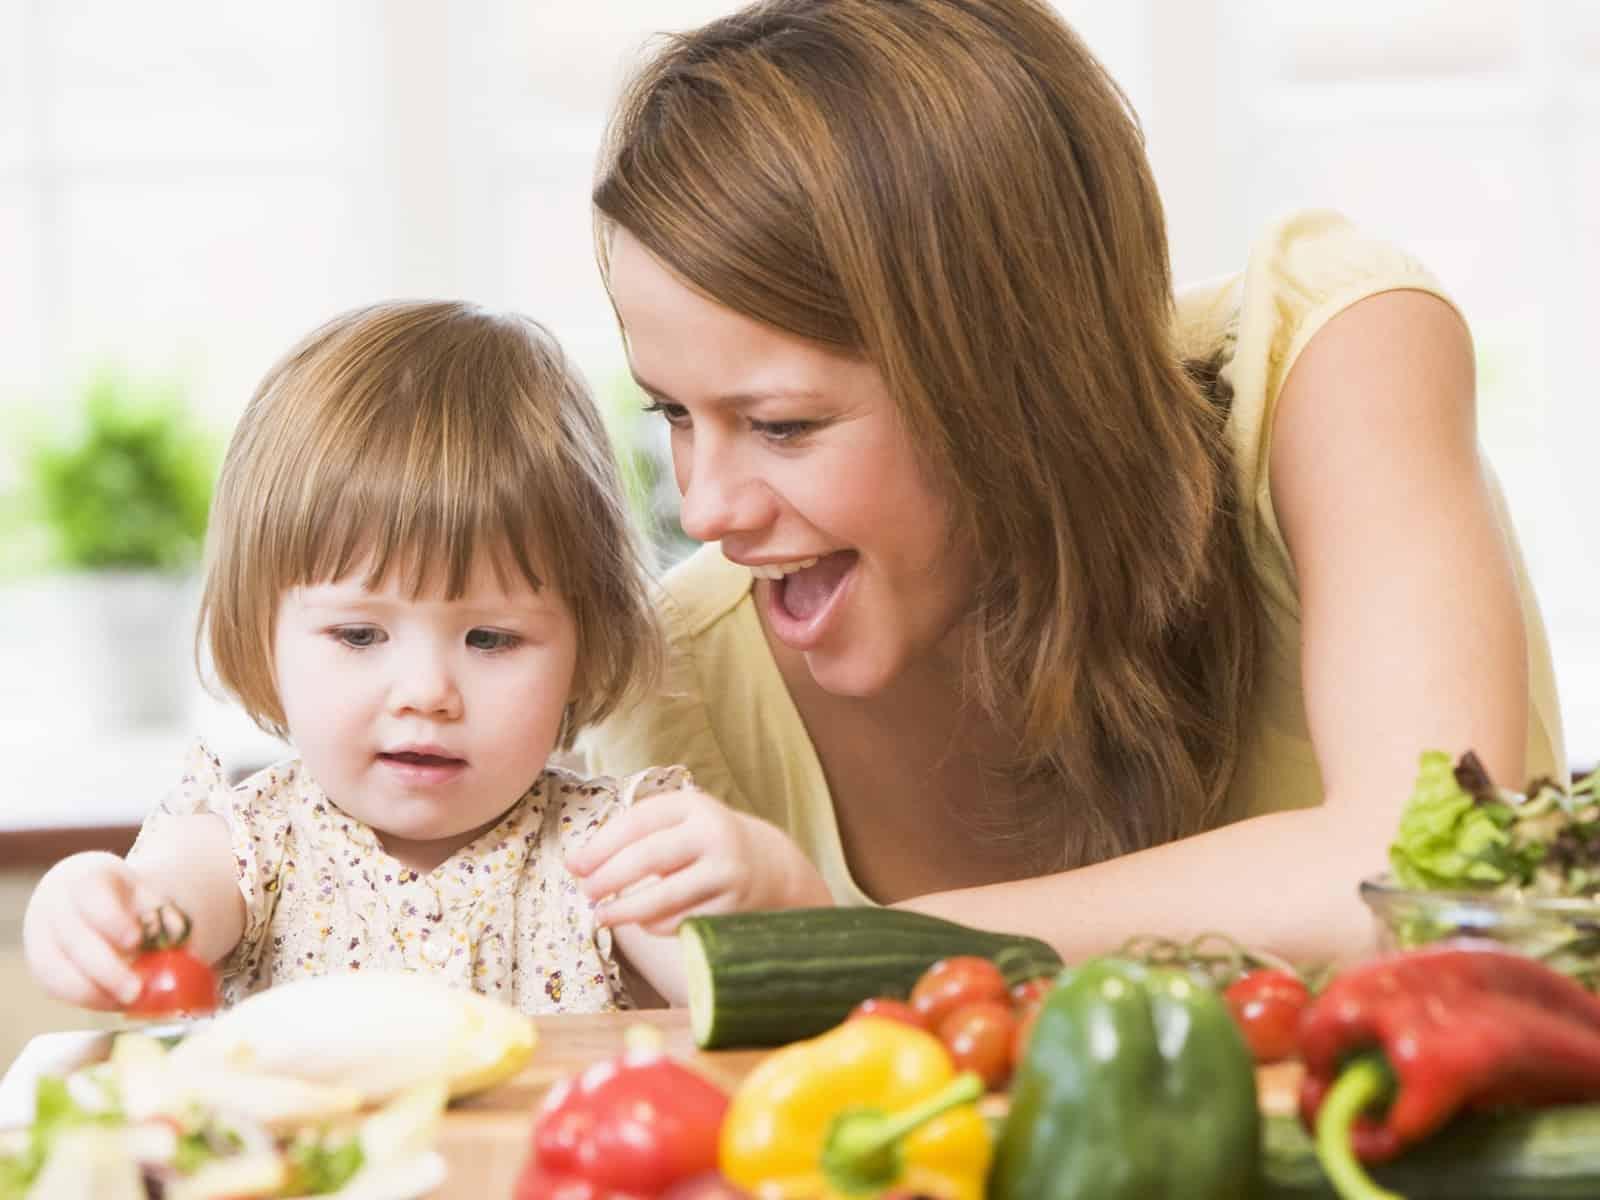 Λάθη στη Διατροφή του Παιδιού - Μέρος Δεύτερο